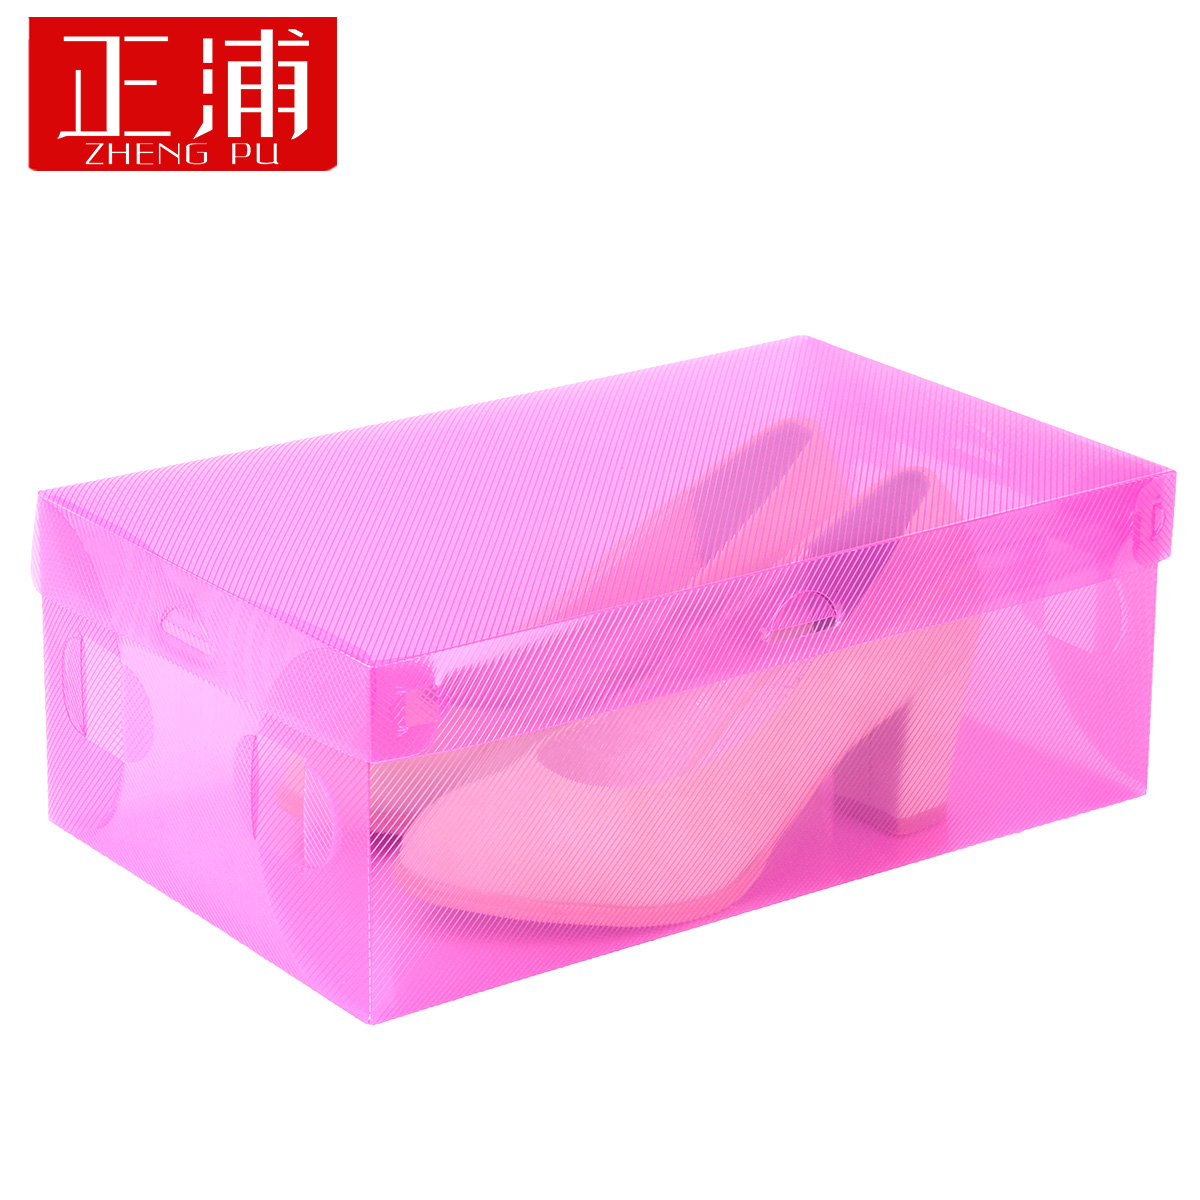 正浦  低跟鞋盒 适合39码内无跟小瓢鞋鞋盒 塑料透明鞋盒 收纳盒